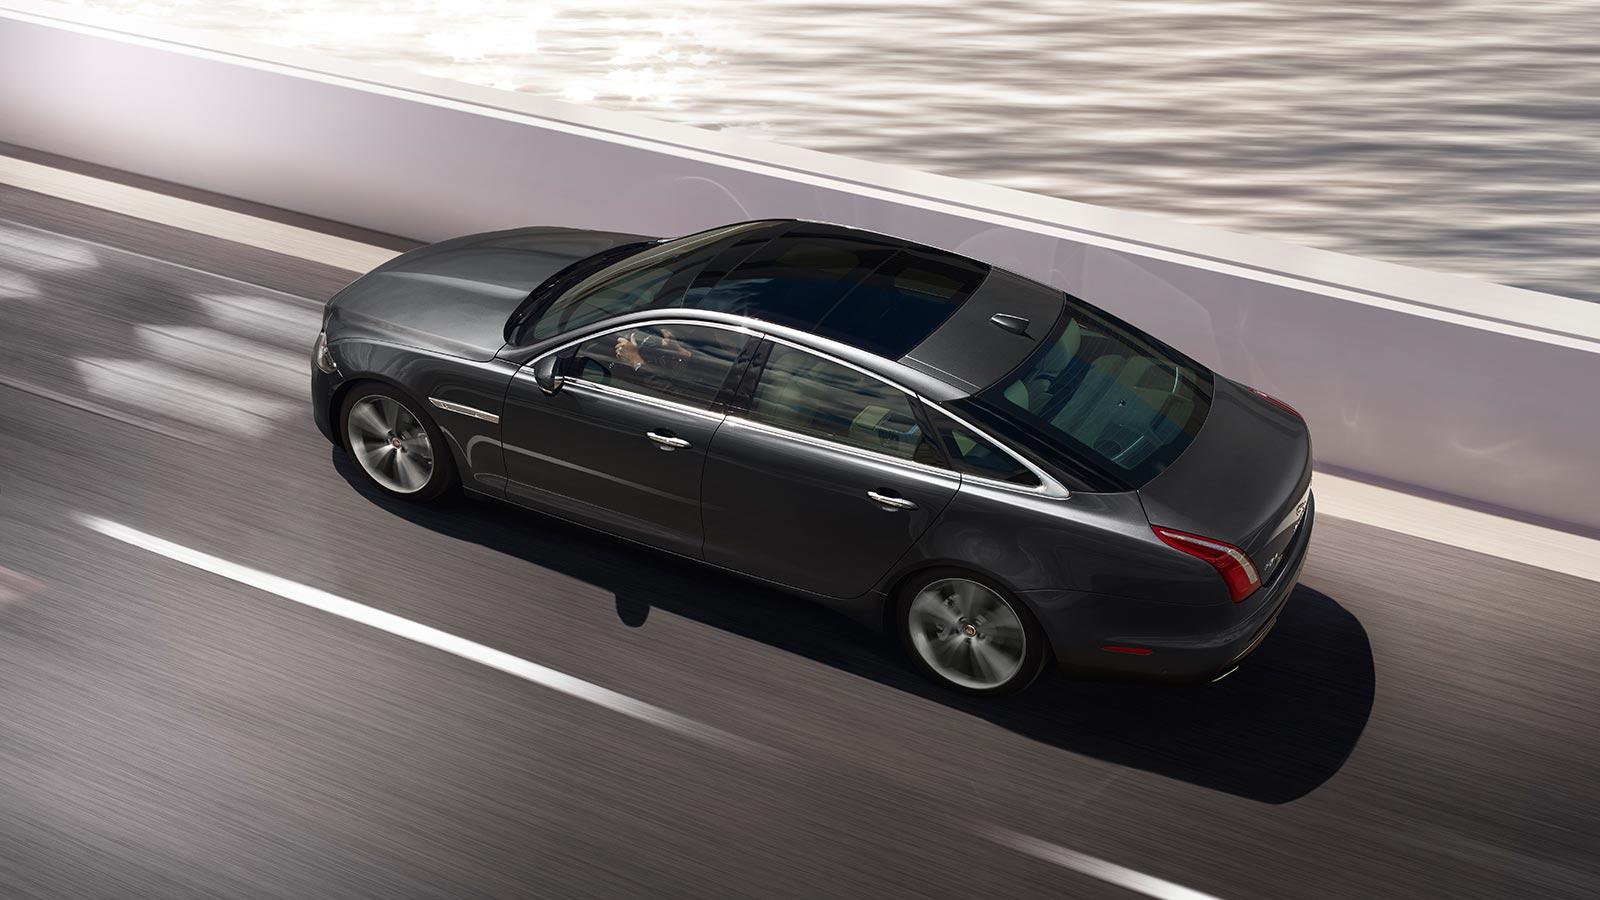 Jaguar XJ 3.0d V6 XJ50 image 6